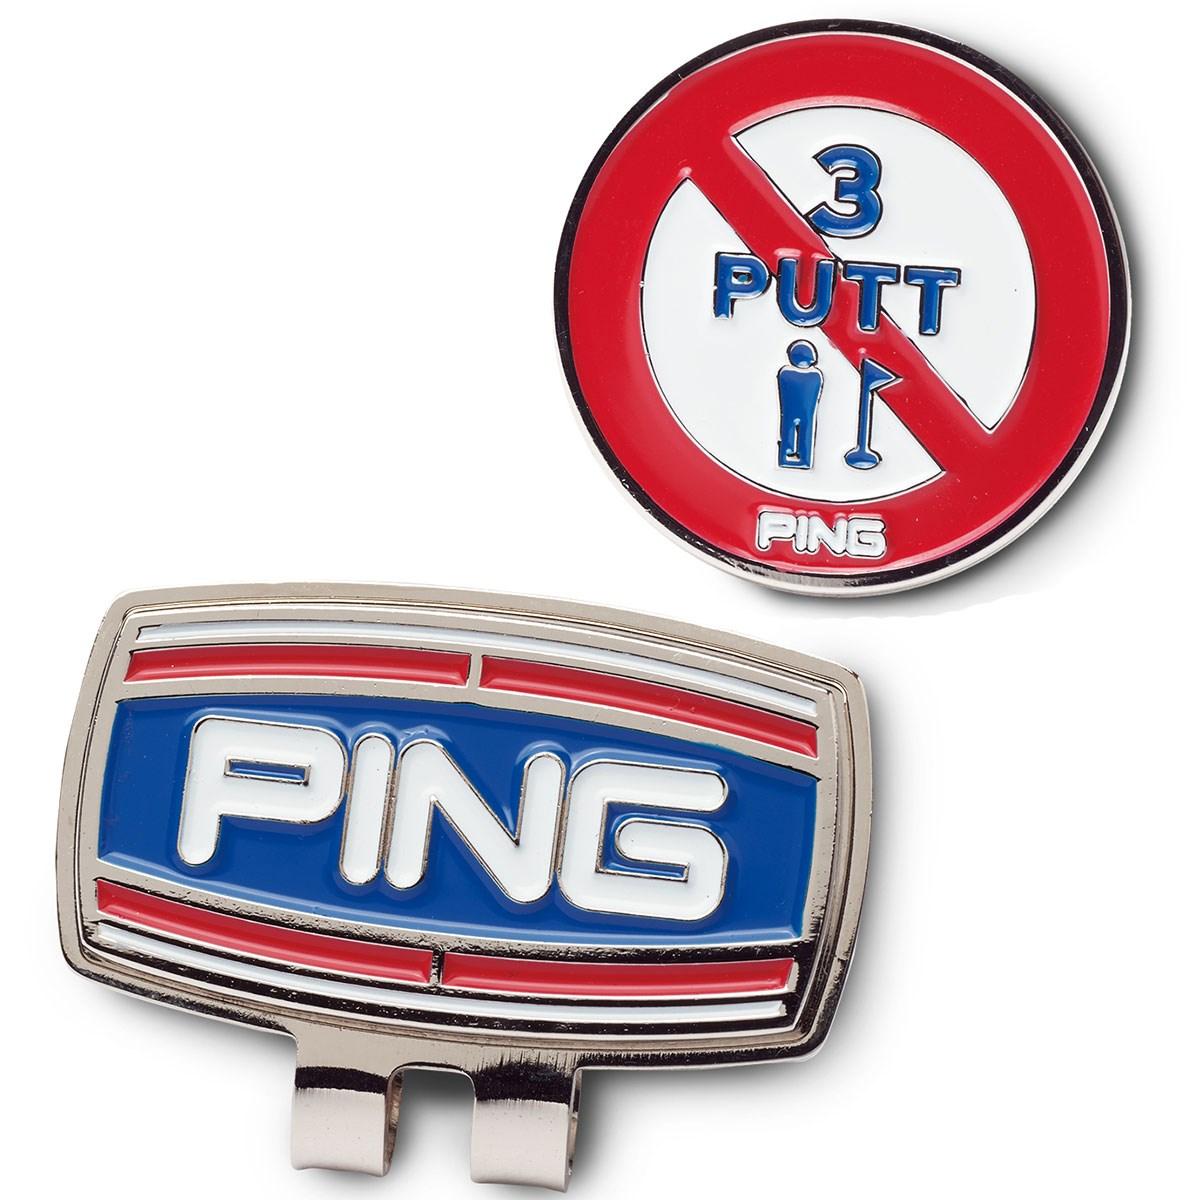 ピン(PING) NO3パットマーカー